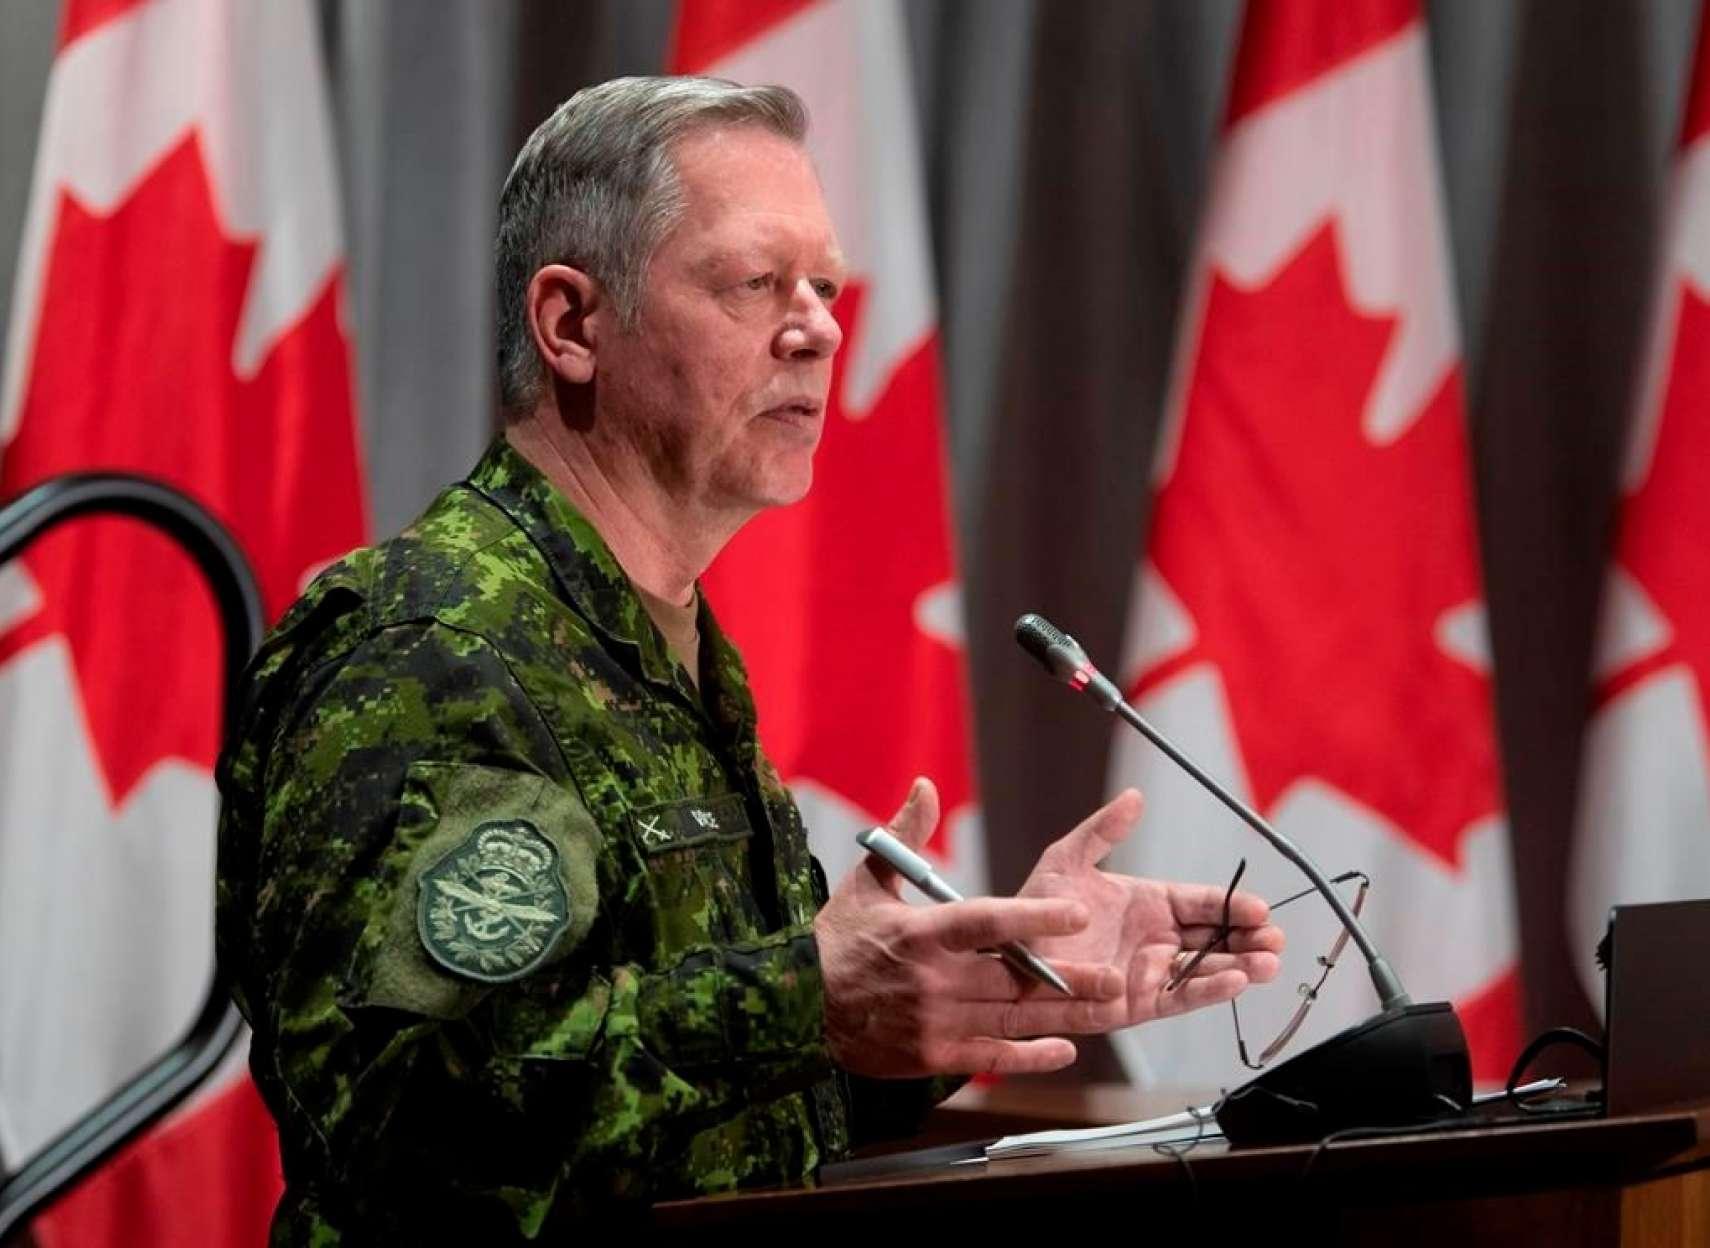 اتهام-به-رئیس-سابق-ستاد-دفاع-کانادا-درباره-رفتار-ناشایست-جنسی-با-دو-کارمند- زیر-دست